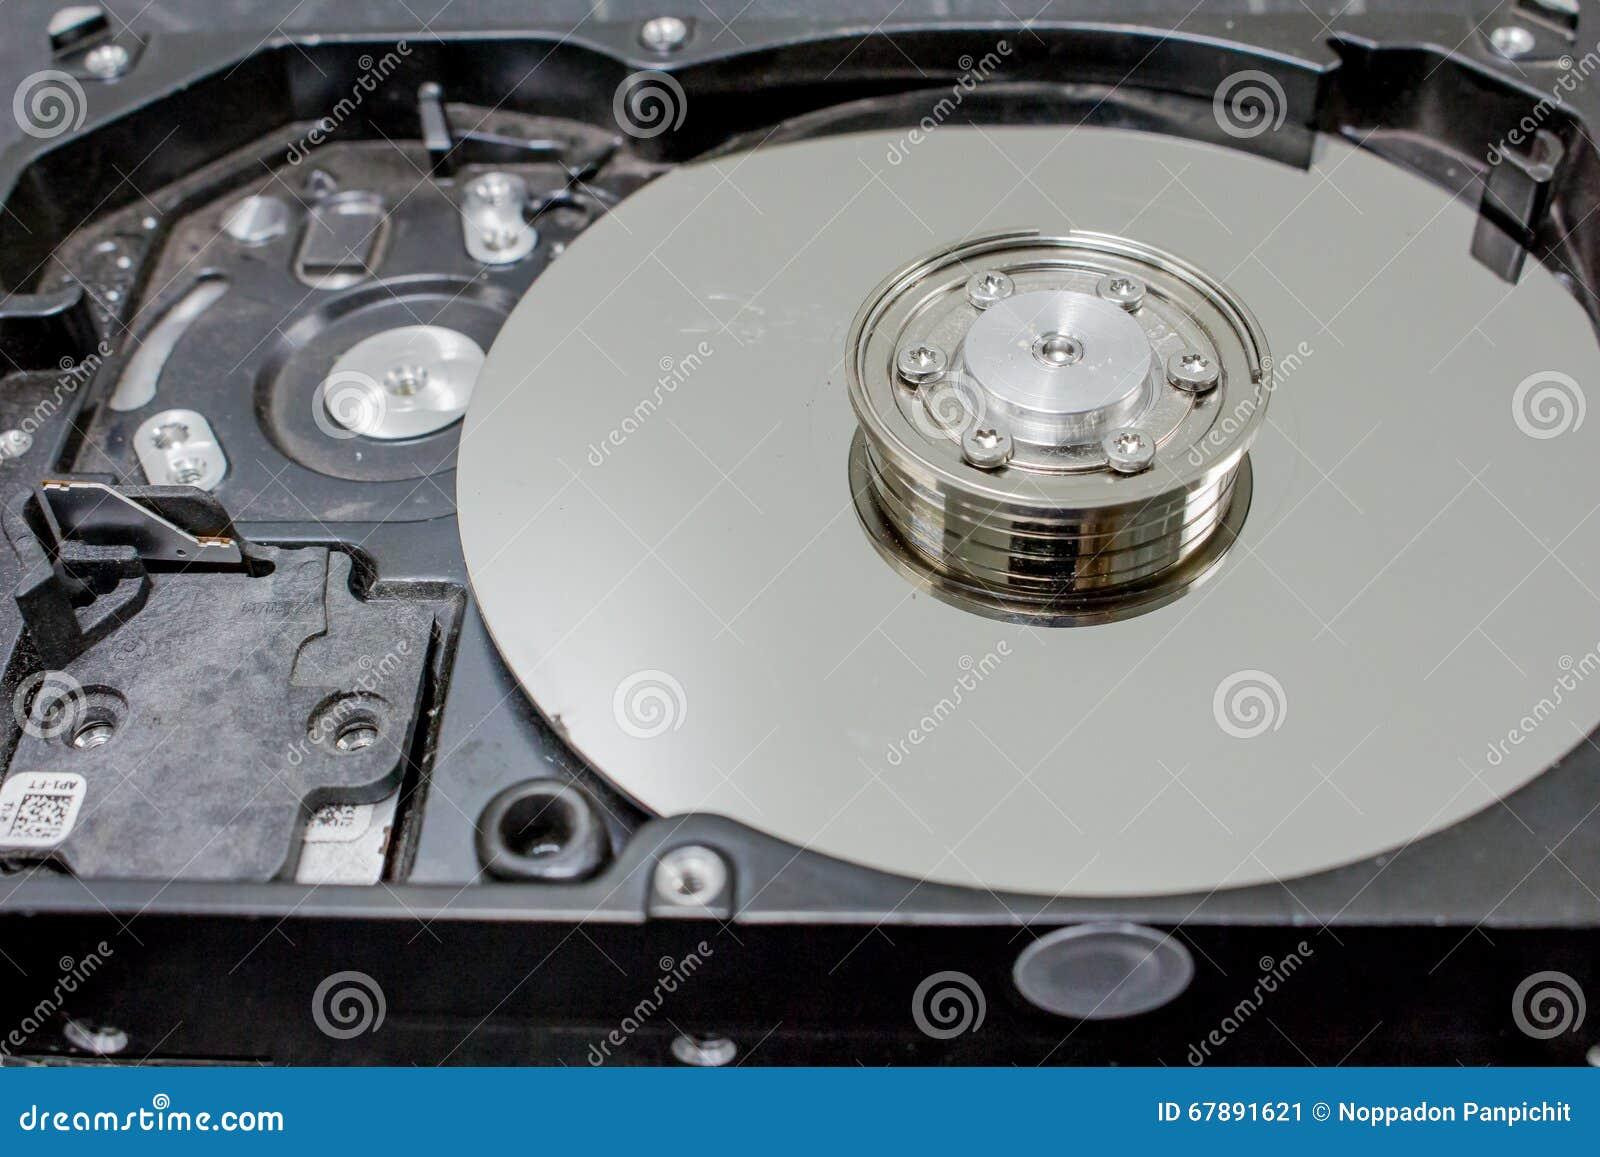 损坏的计算机硬盘